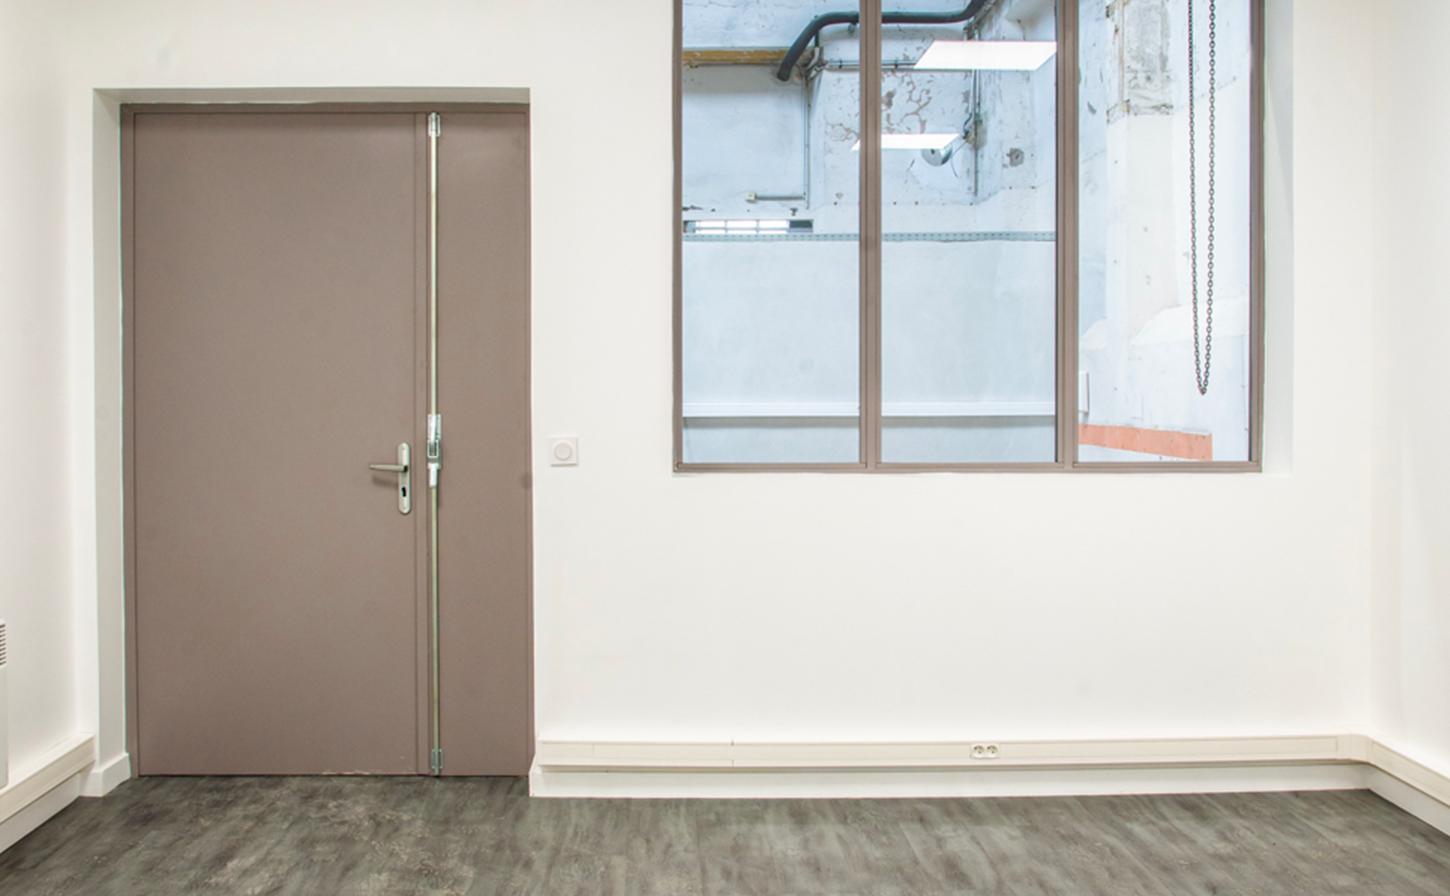 Bel Air Industrie | Atelier ouvert/fermé de 43m² à 180m² à Bel Air Camp